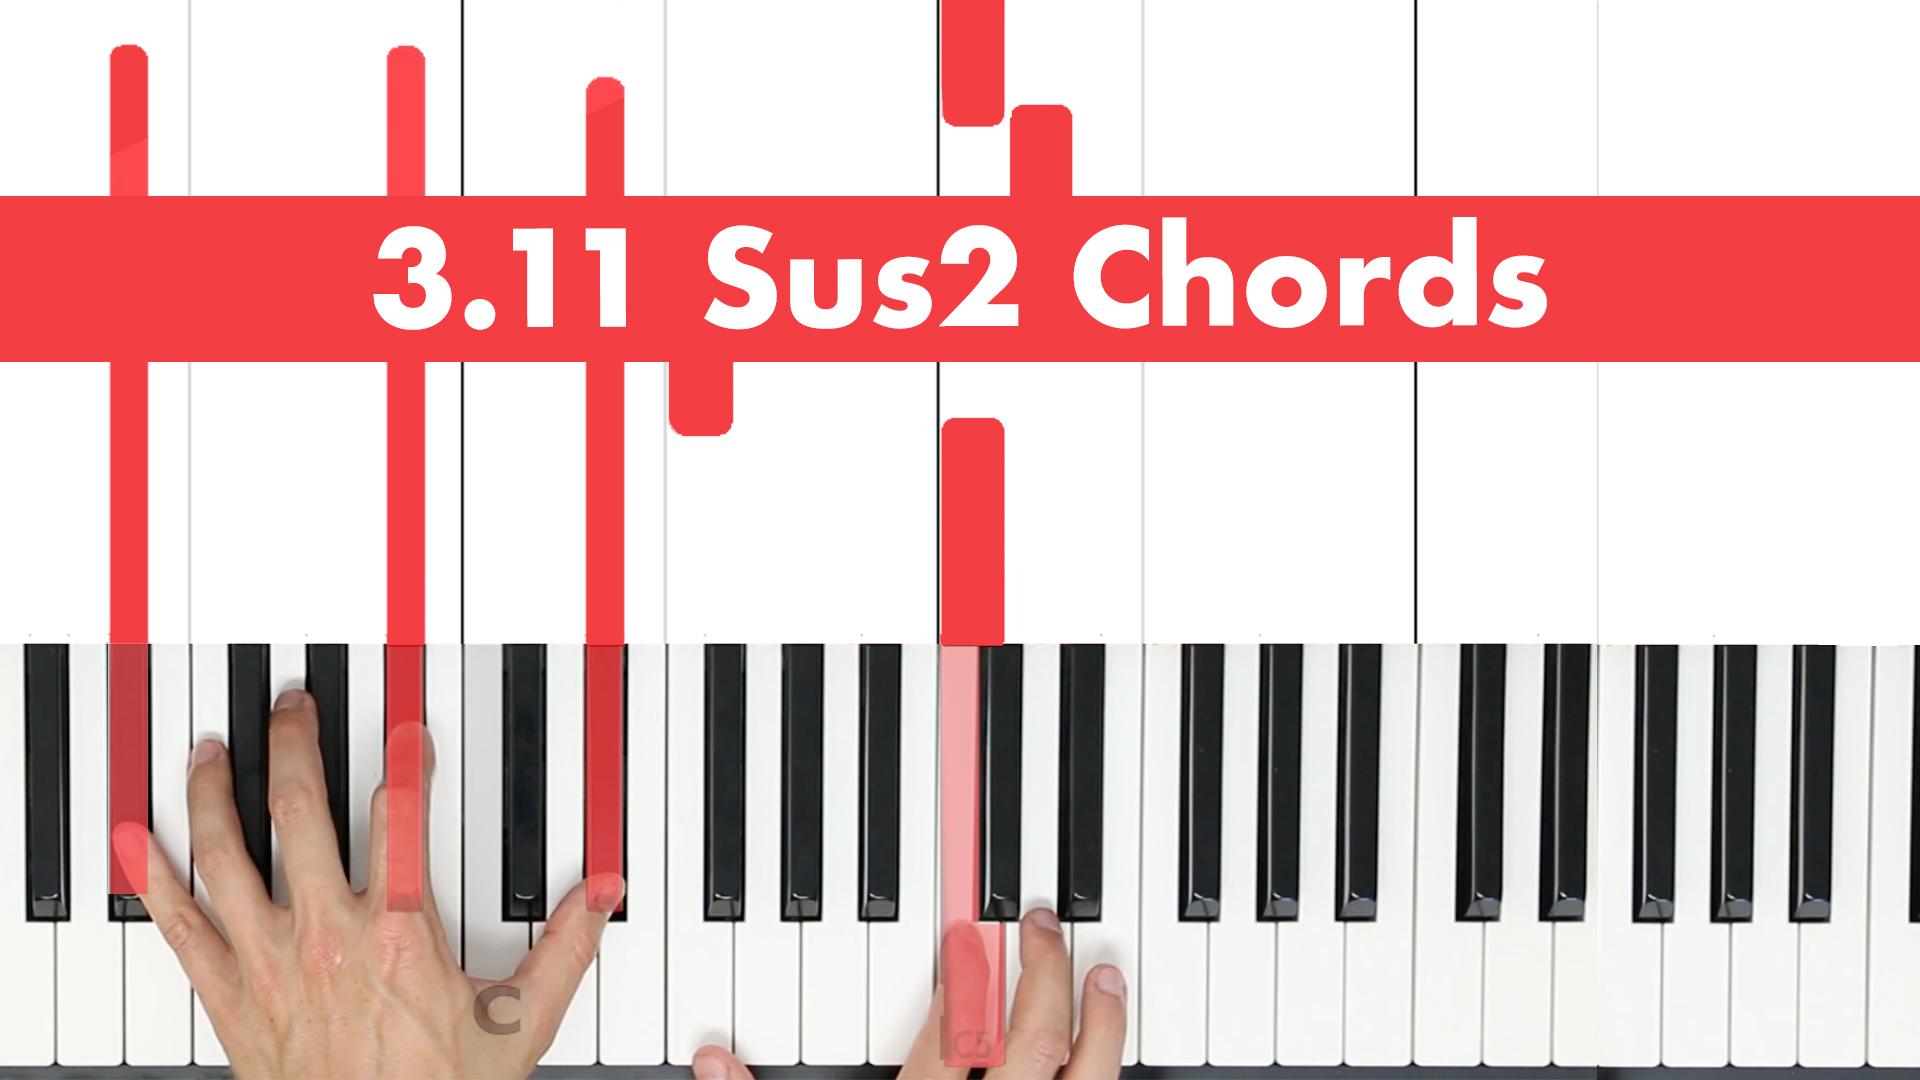 3.11 Sus 2 Chords